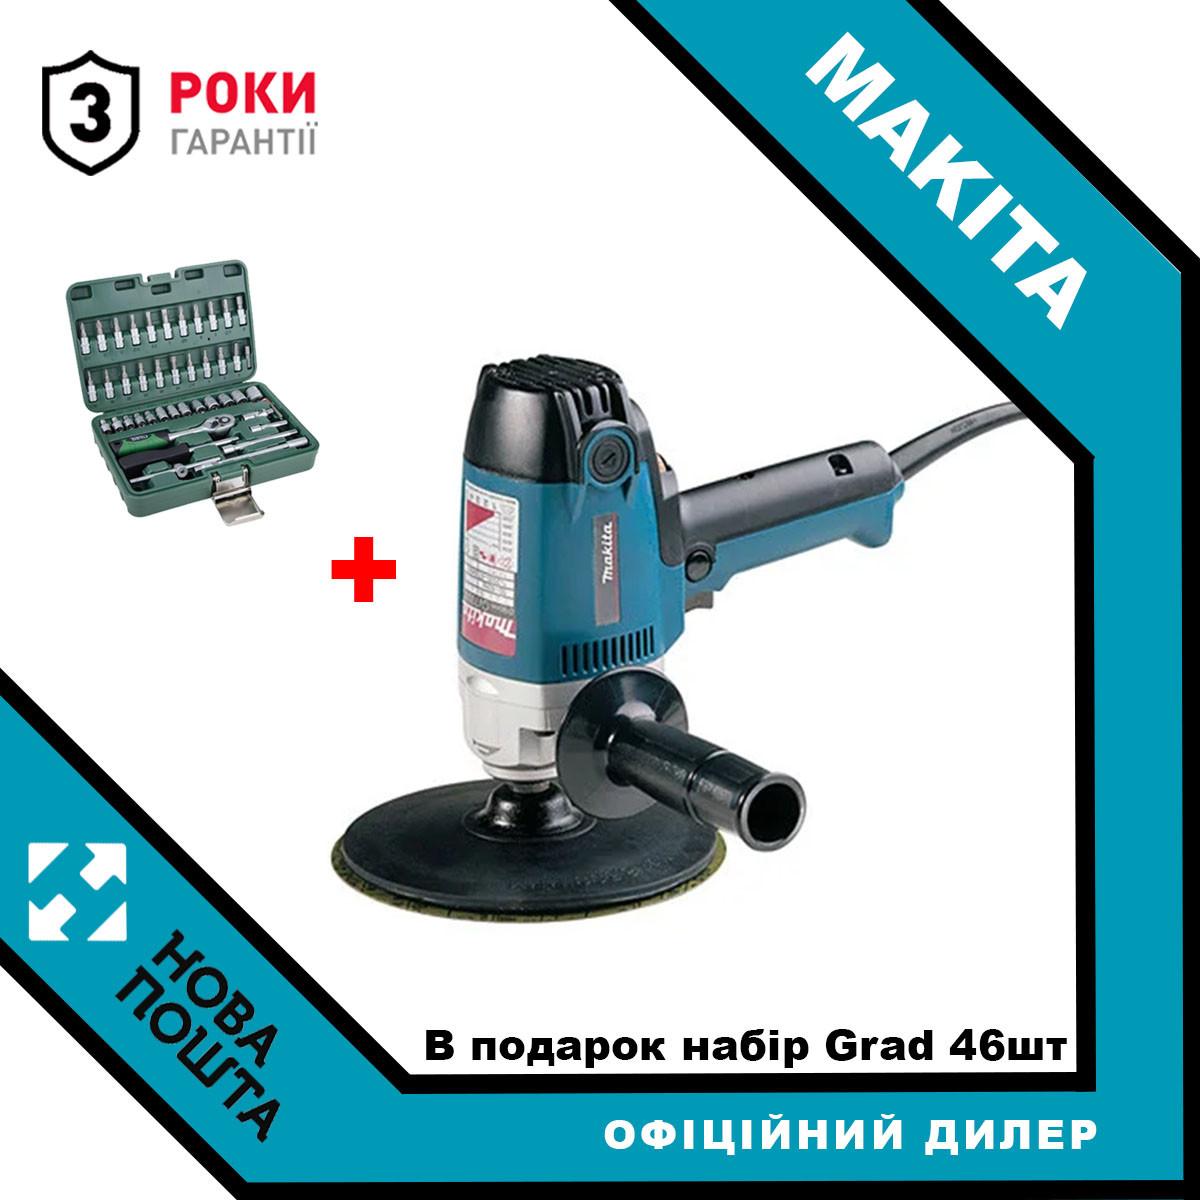 Ексцентрикова шліфмашина MAKITA PV7000C + набір насадок торцеві і біт Grad 46 шт